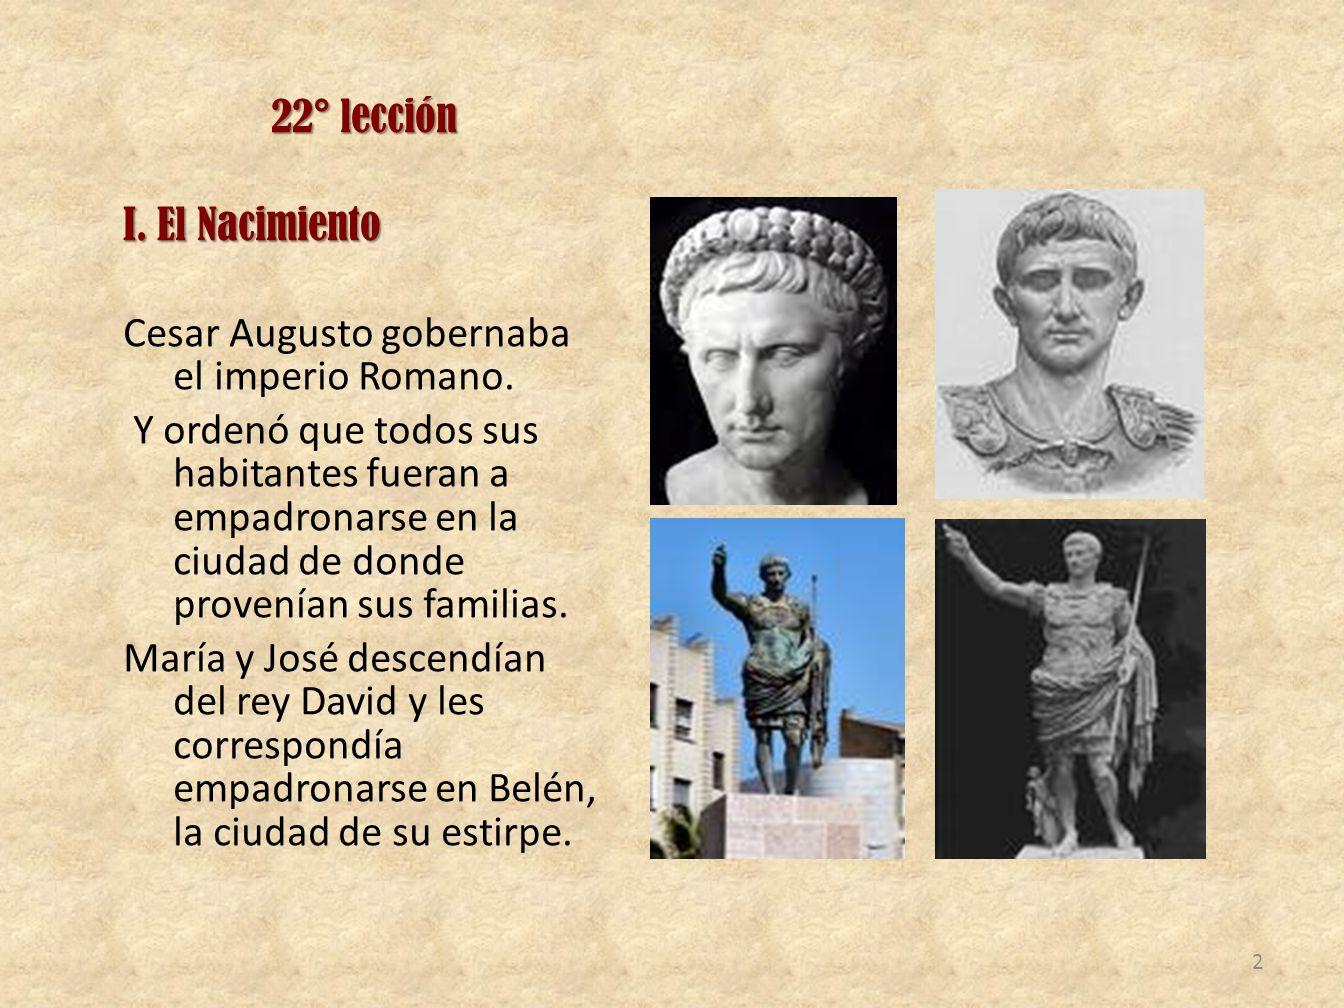 22° lección I. El Nacimiento Cesar Augusto gobernaba el imperio Romano. Y ordenó que todos sus habitantes fueran a empadronarse en la ciudad de donde